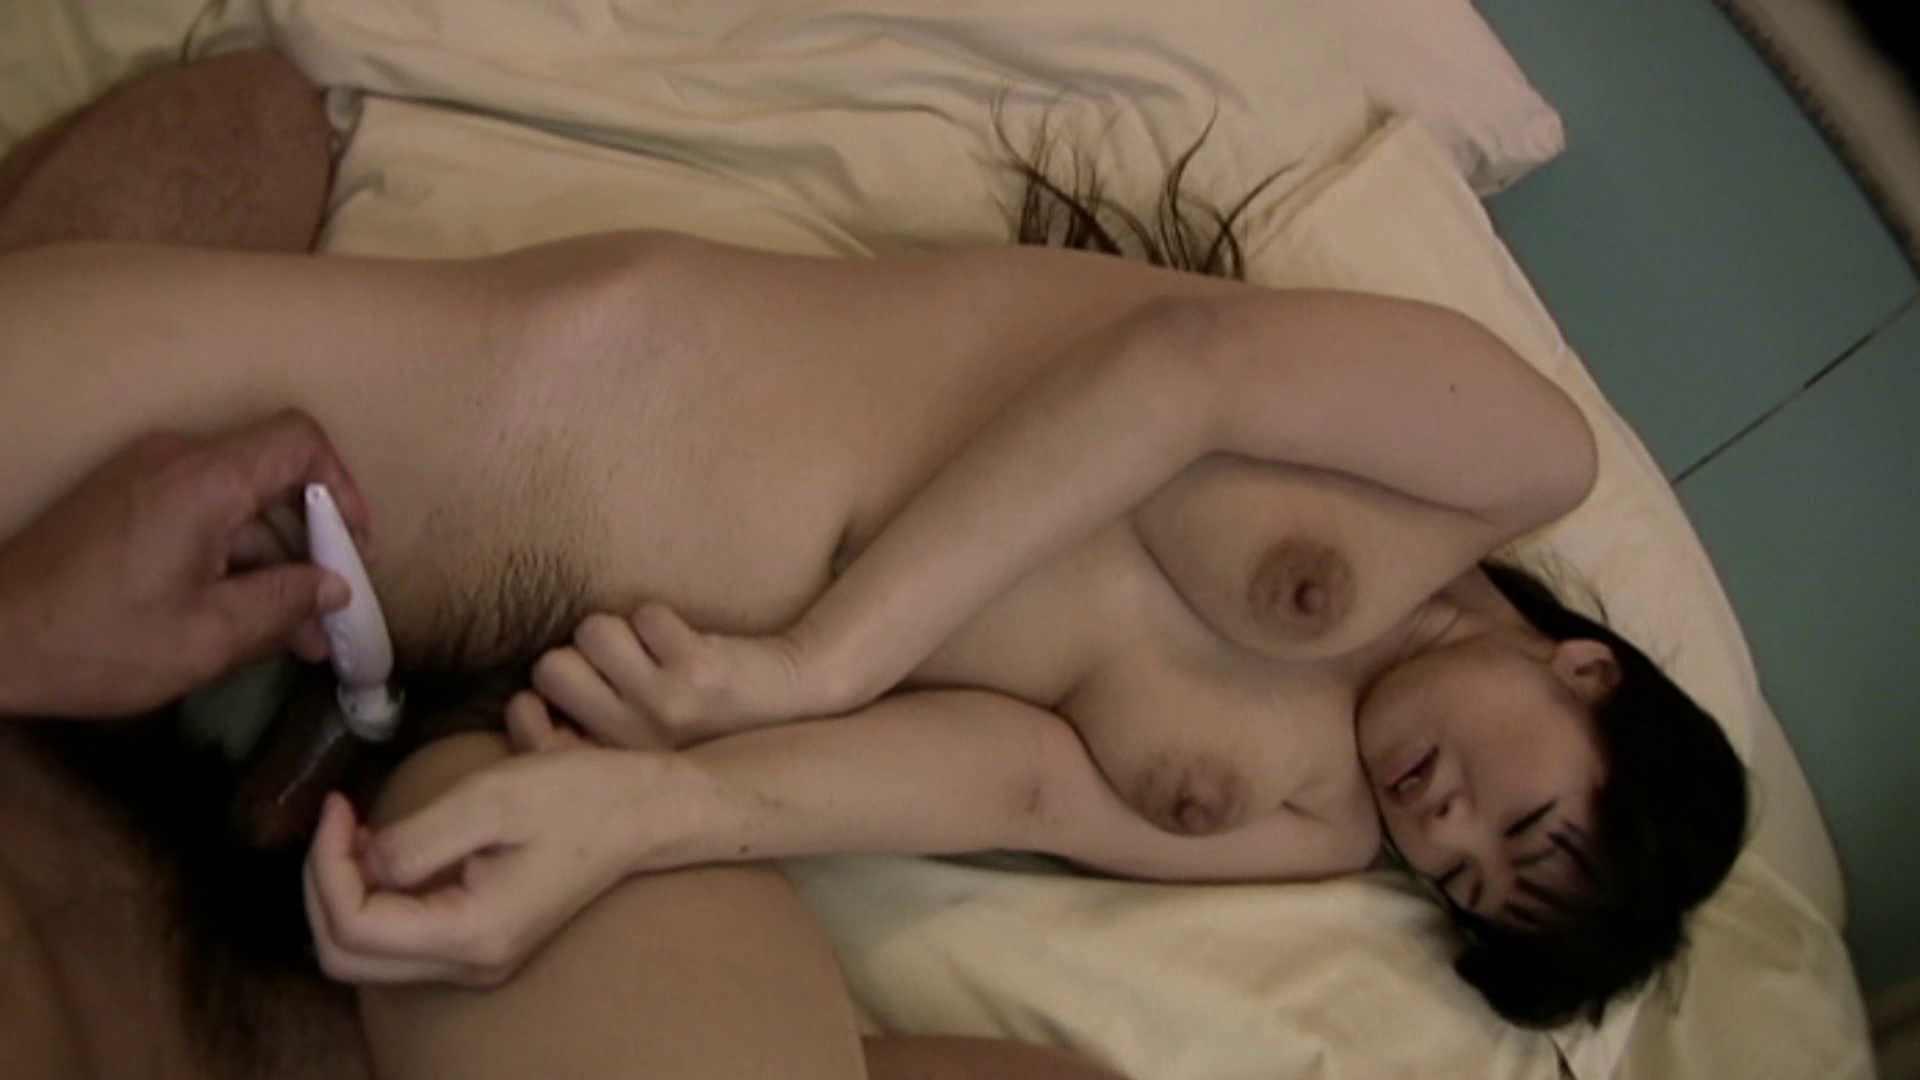 素人ナンパ本番撮り!出会い系でGET!Vol.07 素人丸裸 | マンコ・ムレムレ  96pic 61